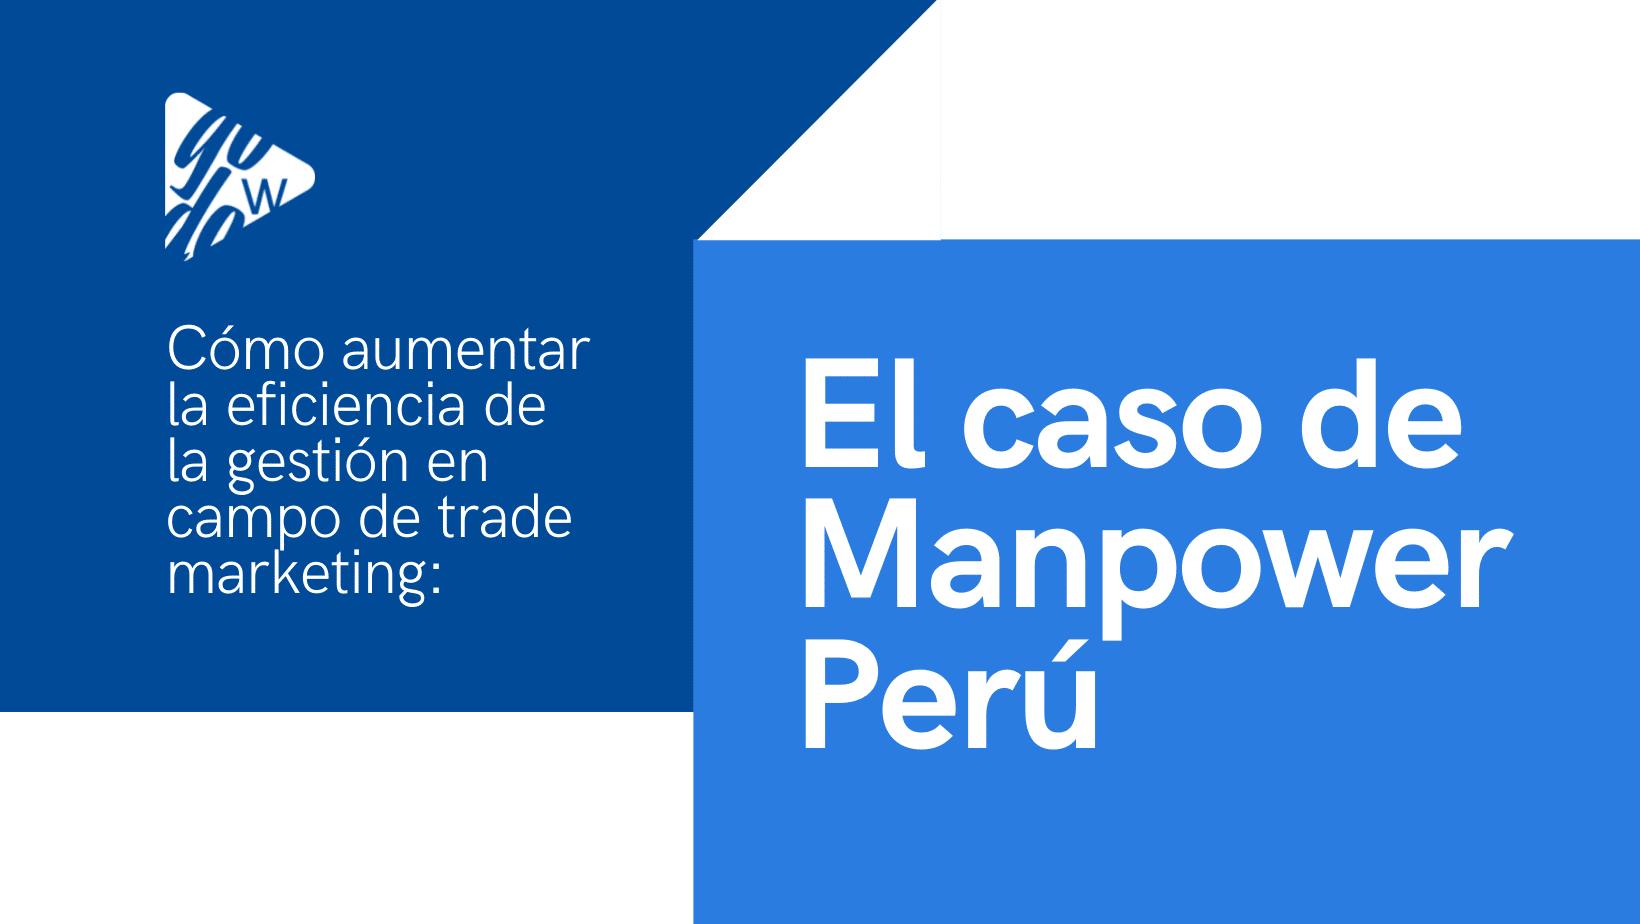 Cómo aumentar la eficiencia de la gestión en campo de trade marketing: el caso de Manpower Perú